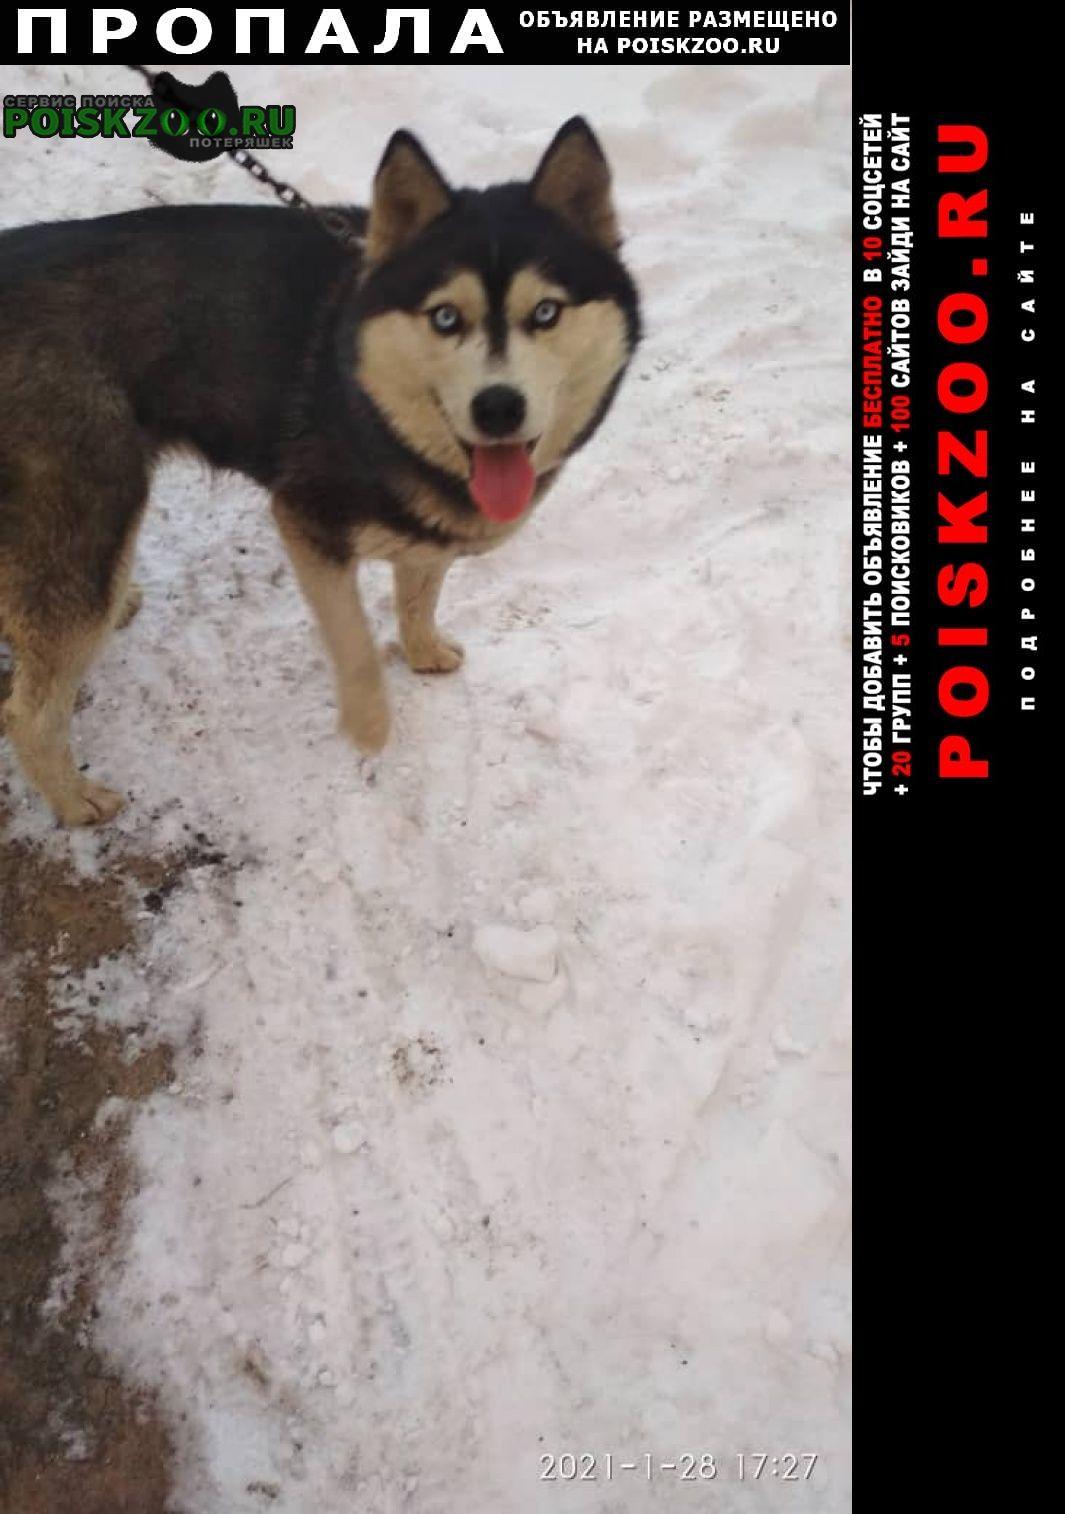 Пропала собака сибирский хаски Бишкек